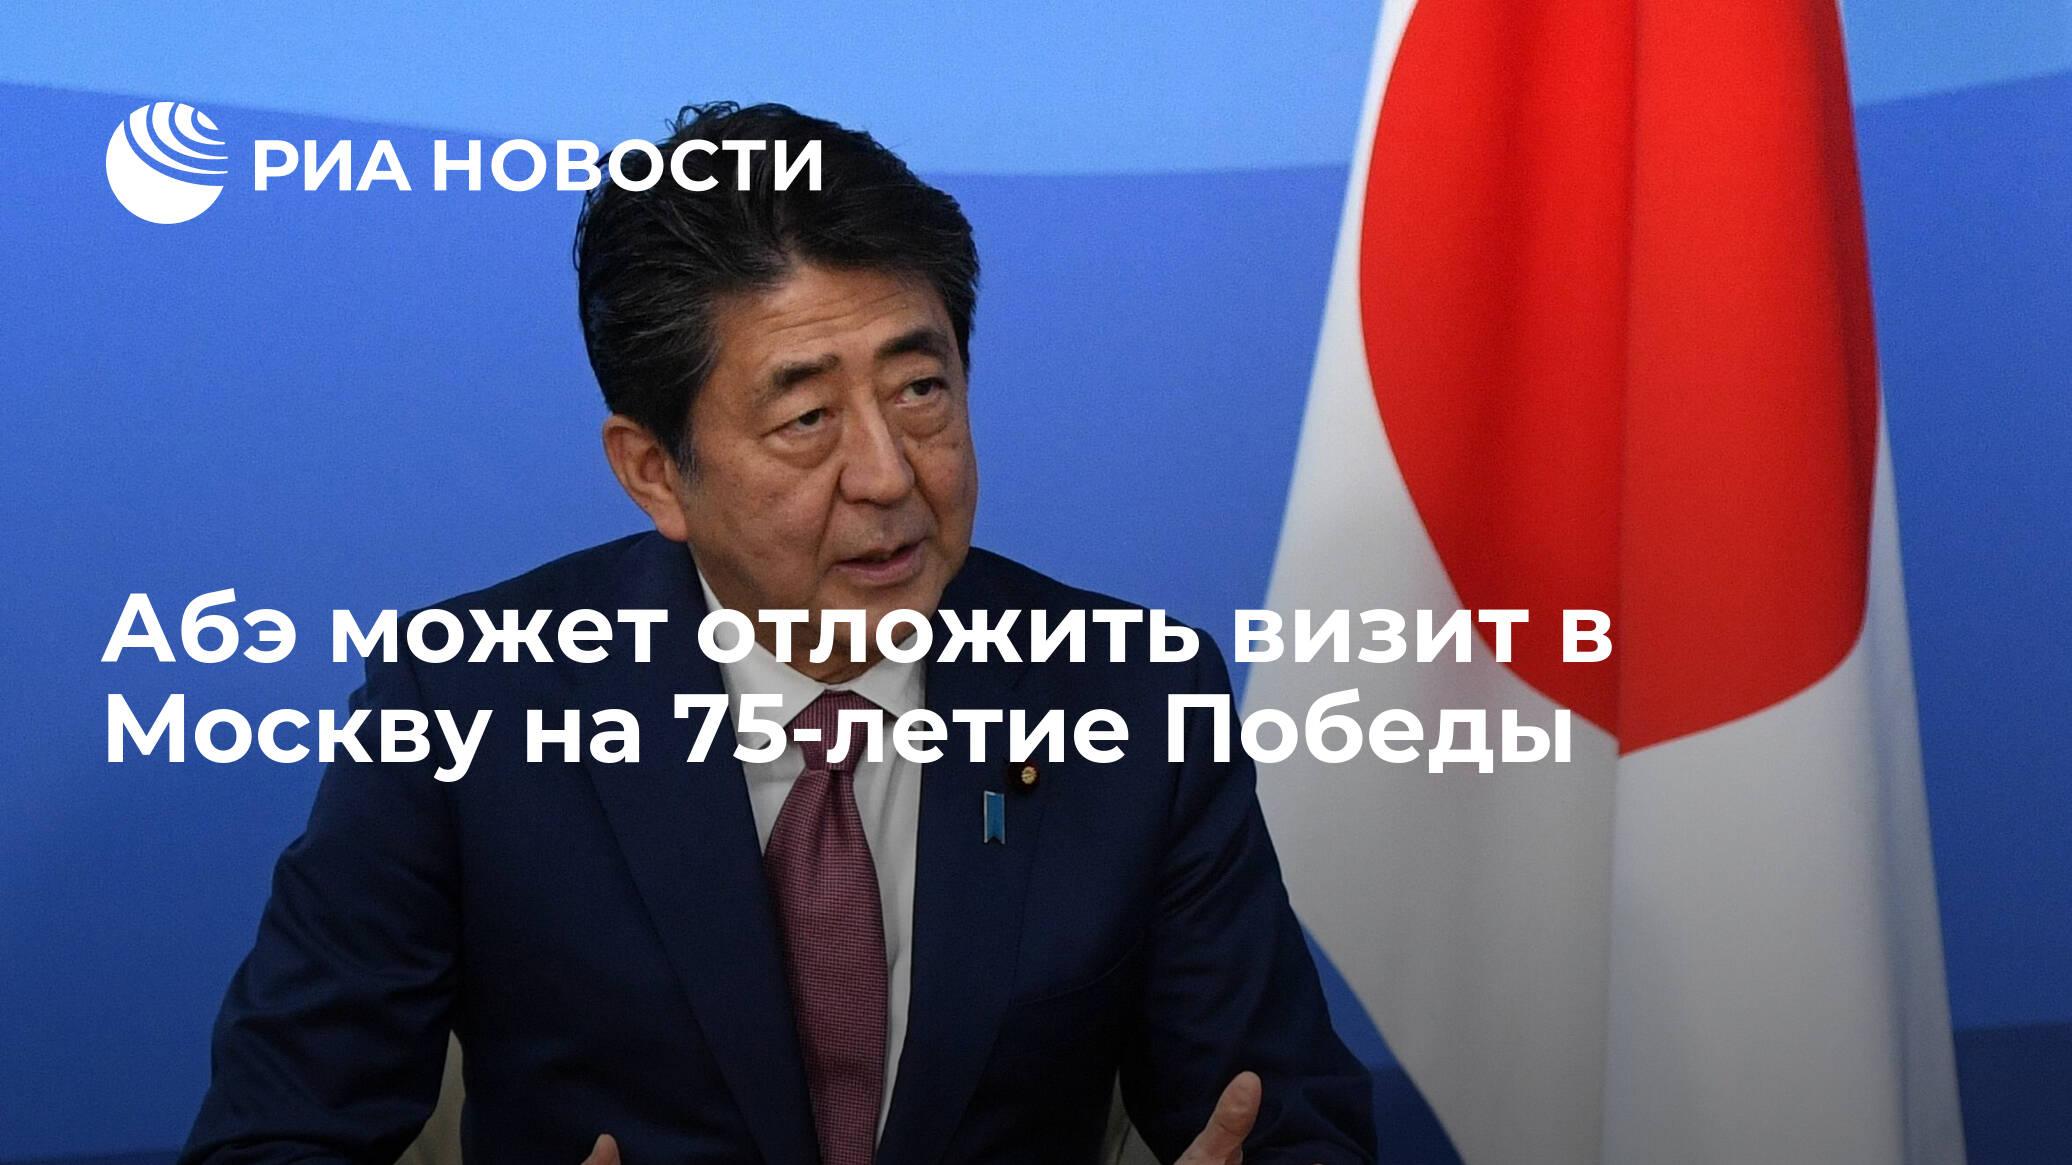 Абэ может отложить визит в Москву на 75-летие Победы